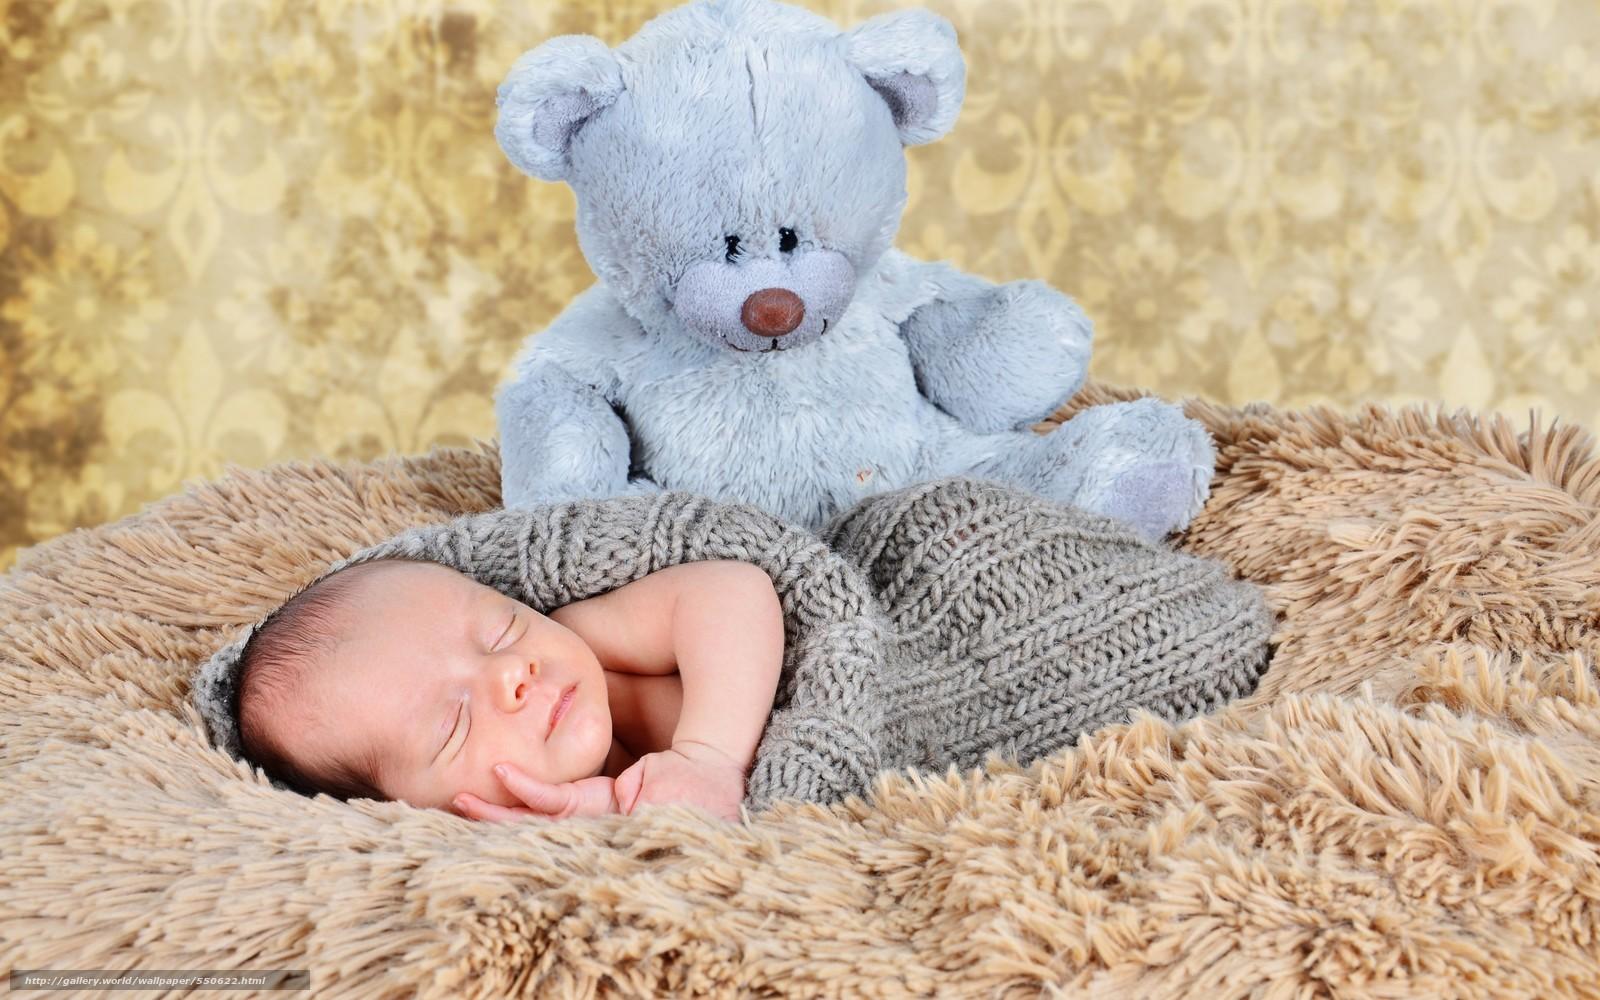 Tlcharger Fond d'ecran personnes, KIDS, KID, bébé Fonds d'ecran gratuits pour votre rsolution du ...